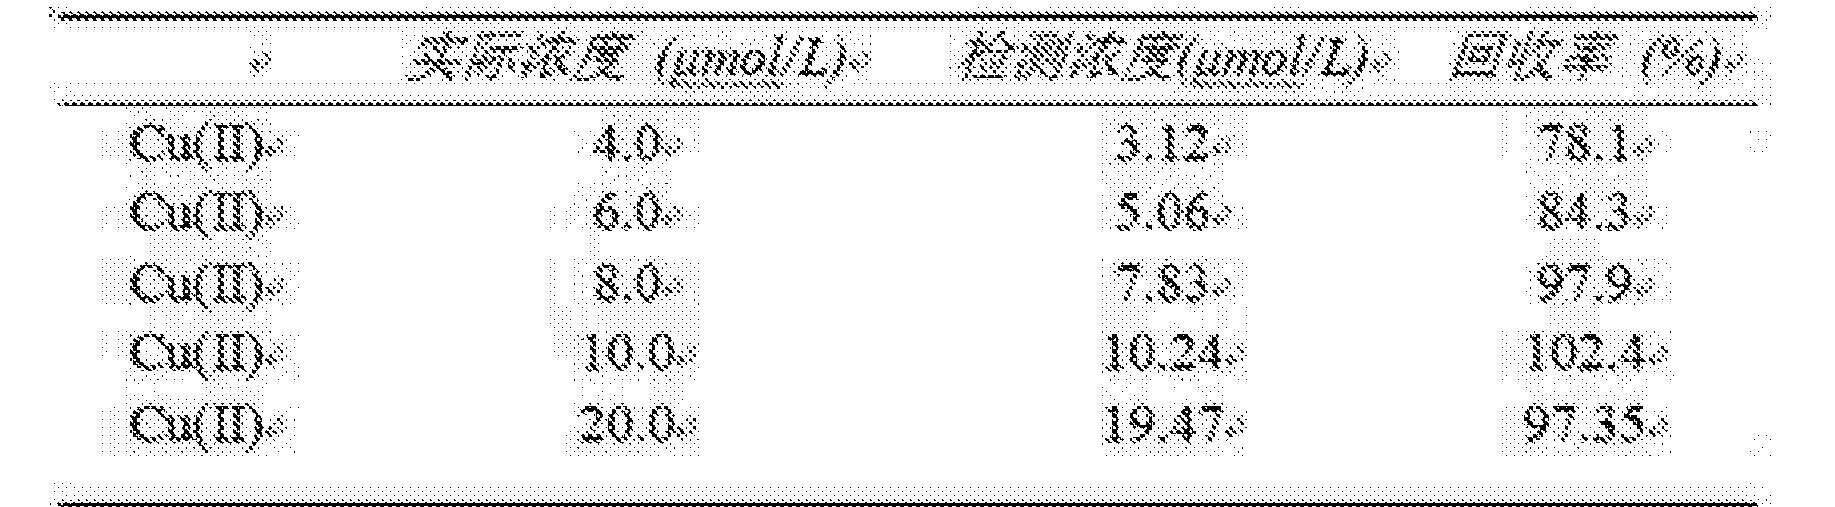 Figure CN104292381BD00071